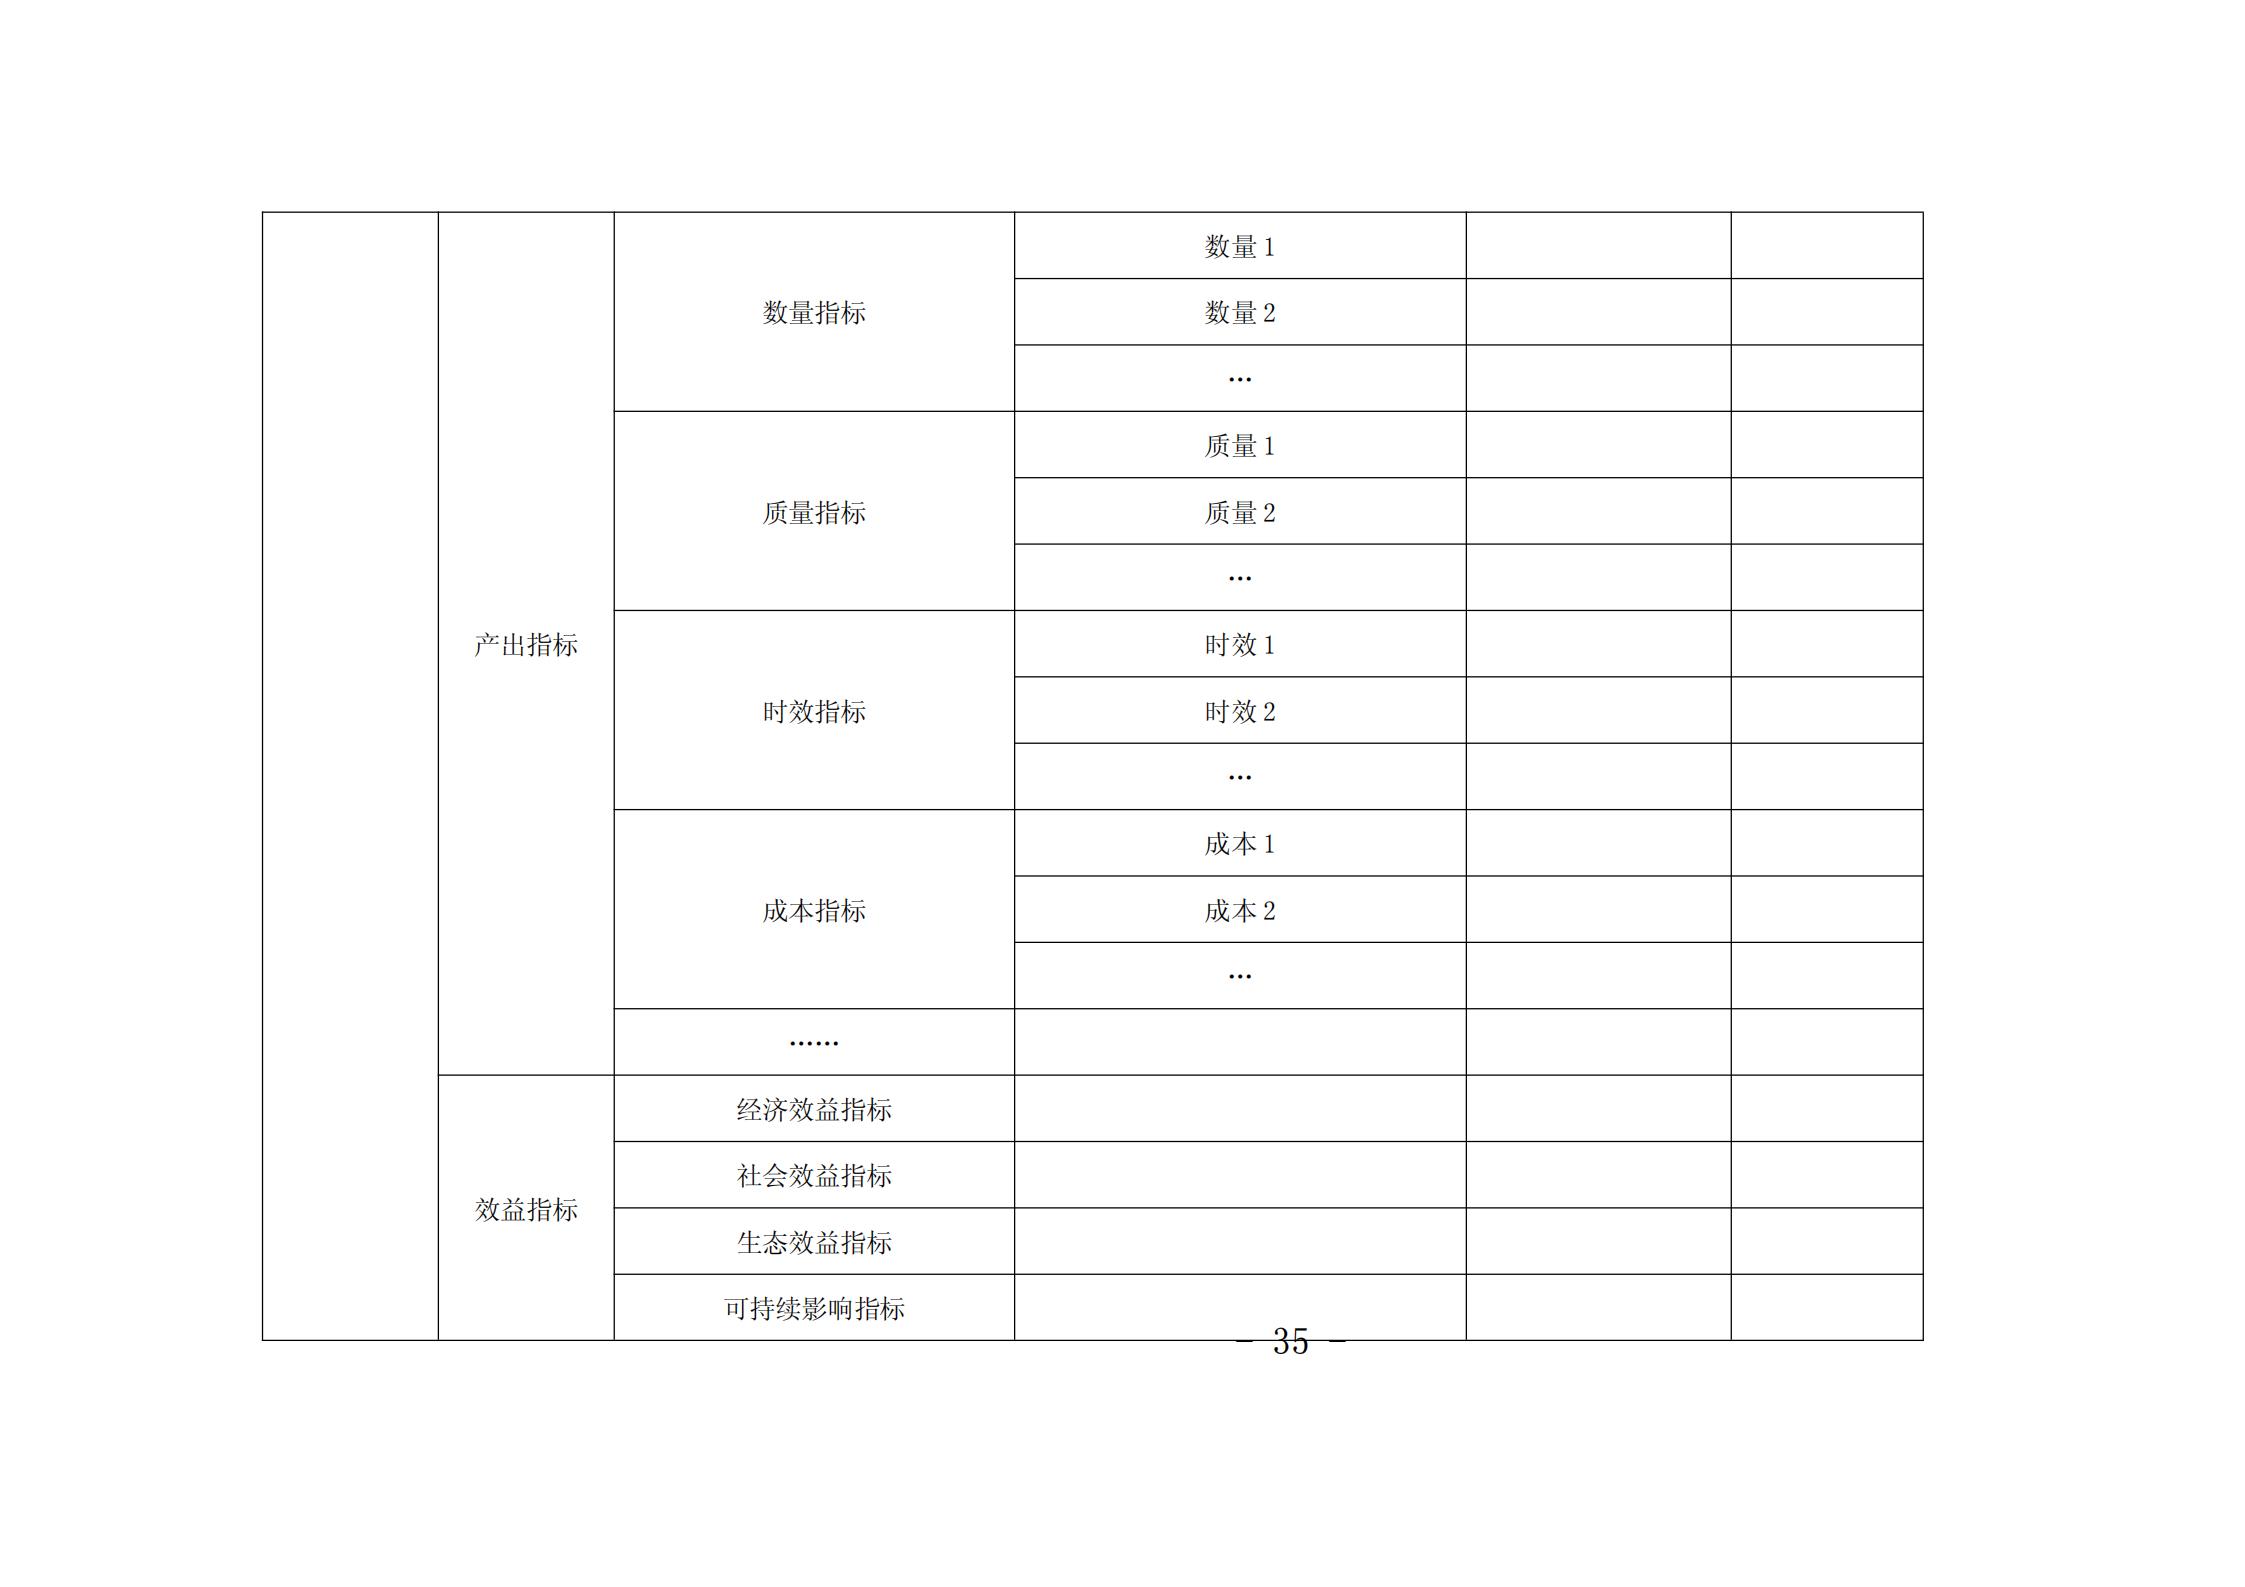 """贵阳市青少年宫2021年度市级部门预算、""""三公""""经费预算公开说明_34.png"""